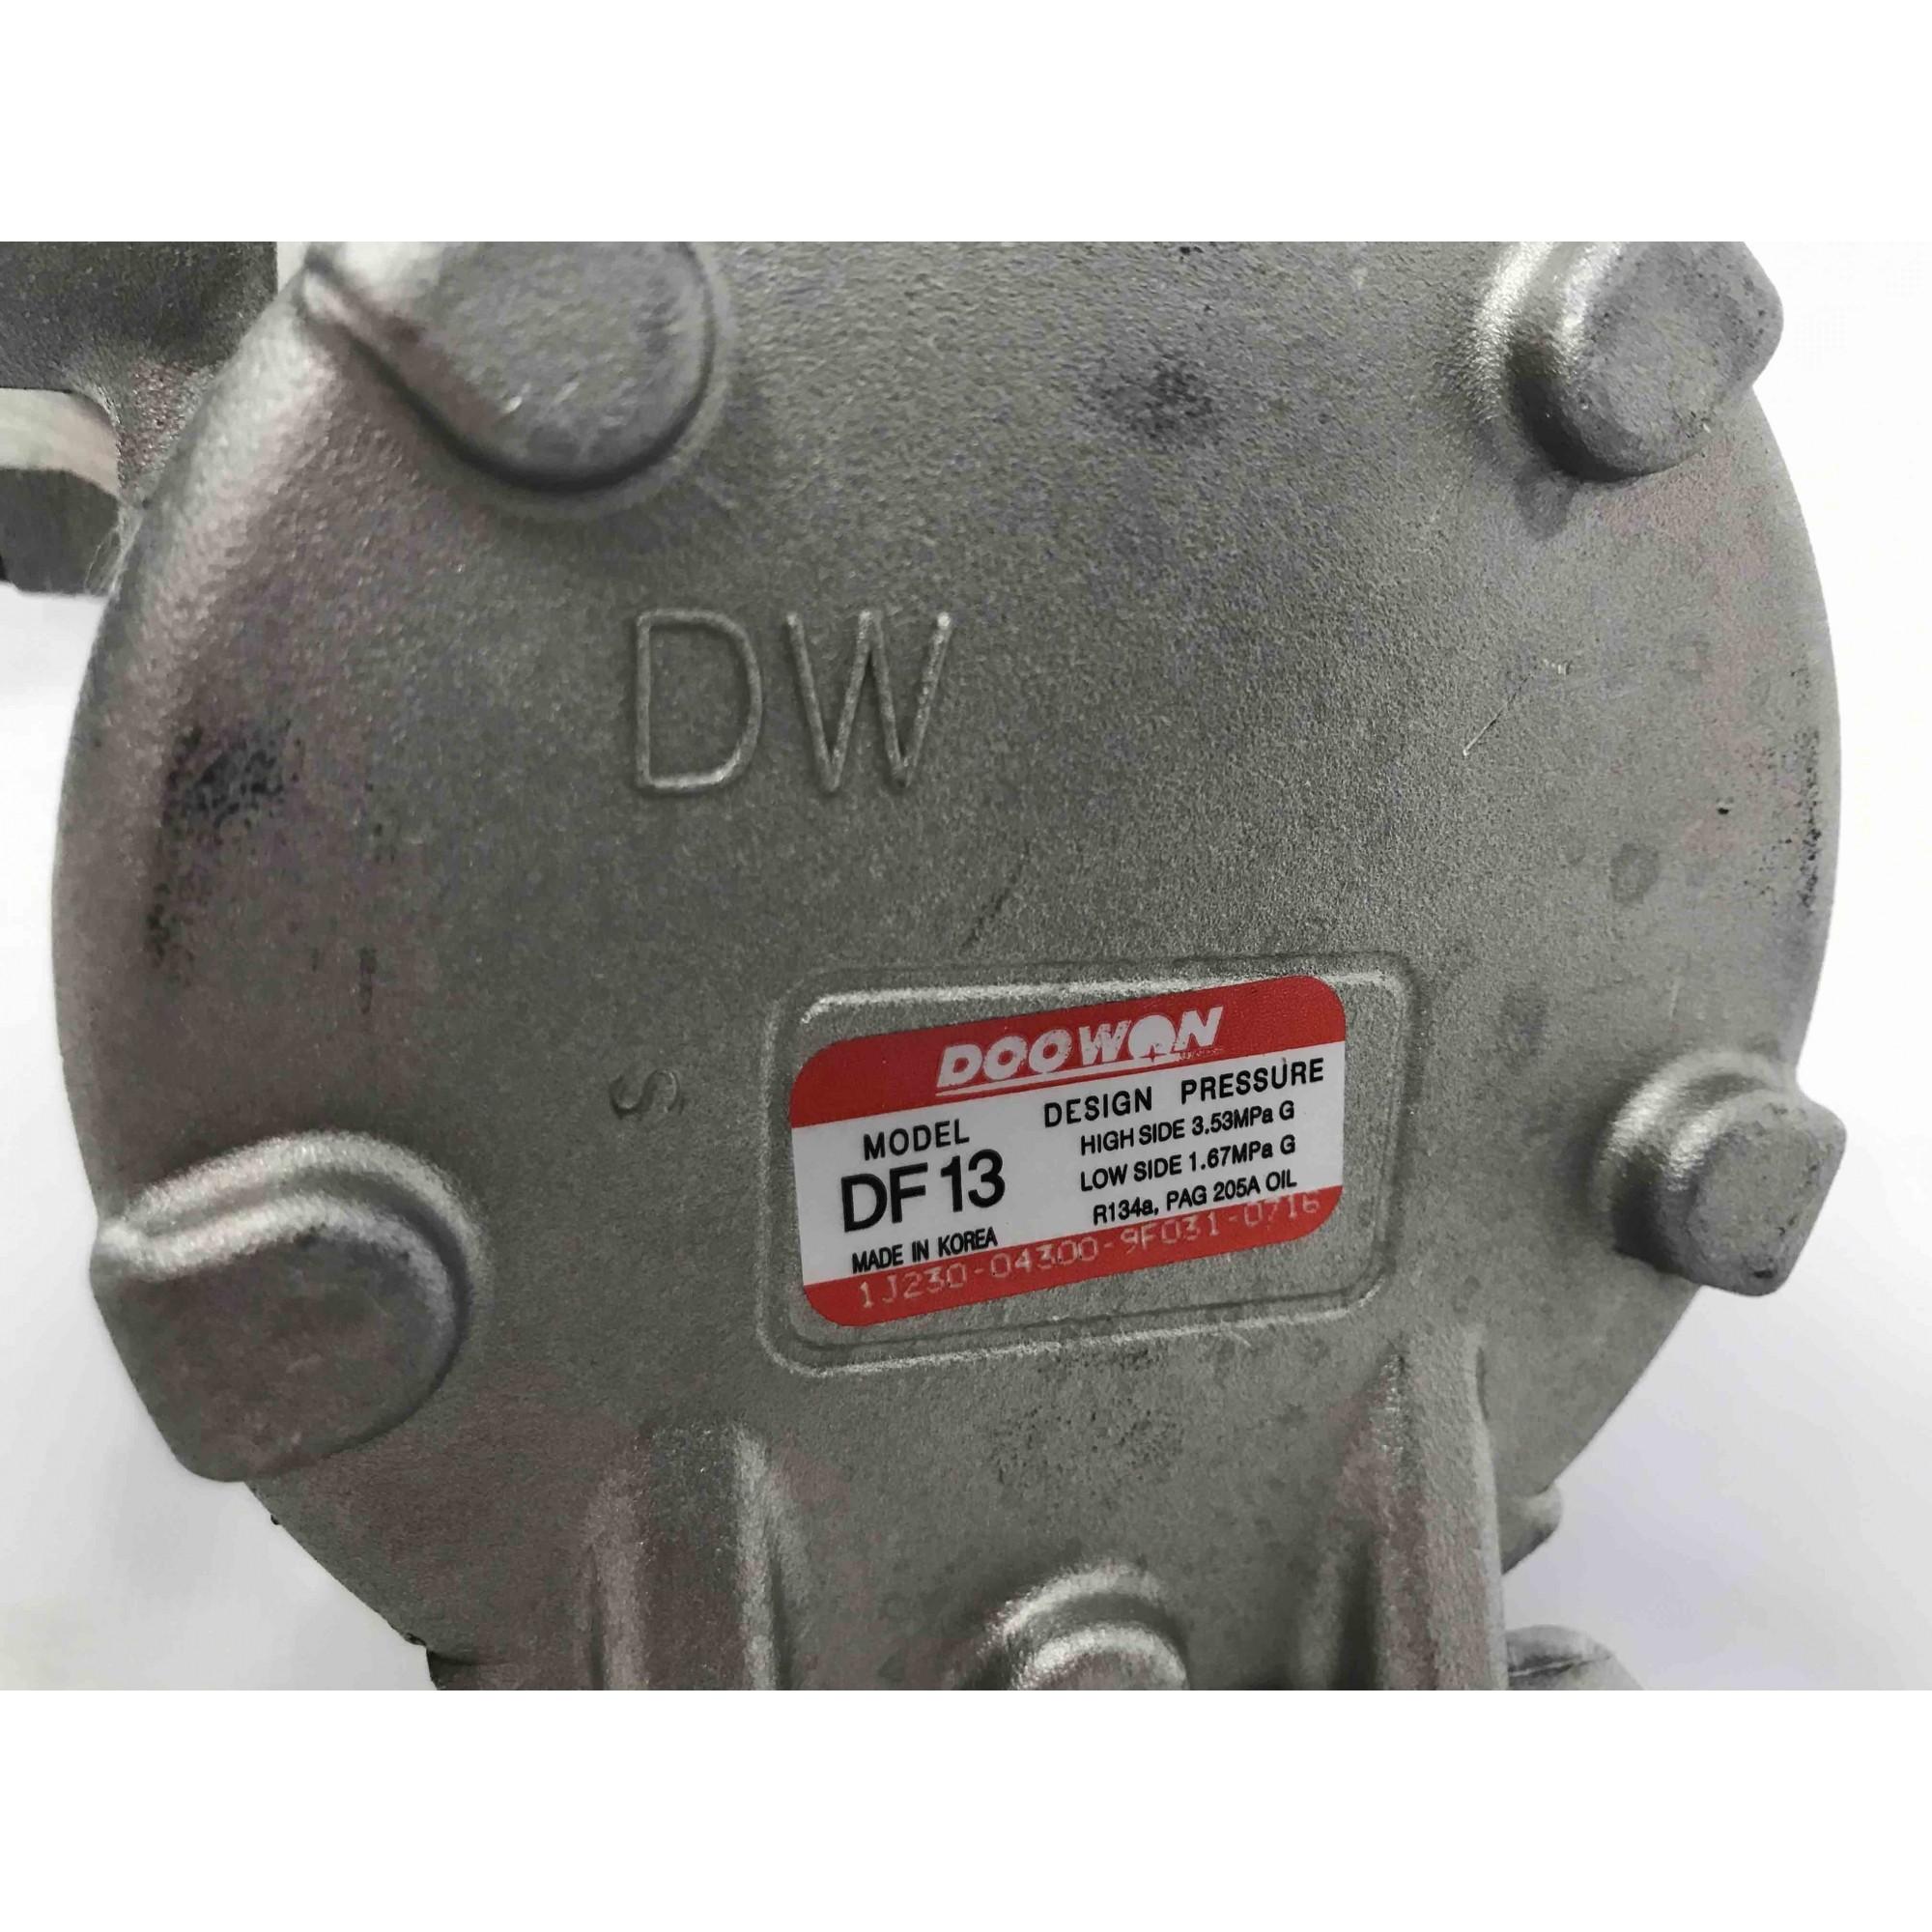 Compressor HB20 1.6 original doowon